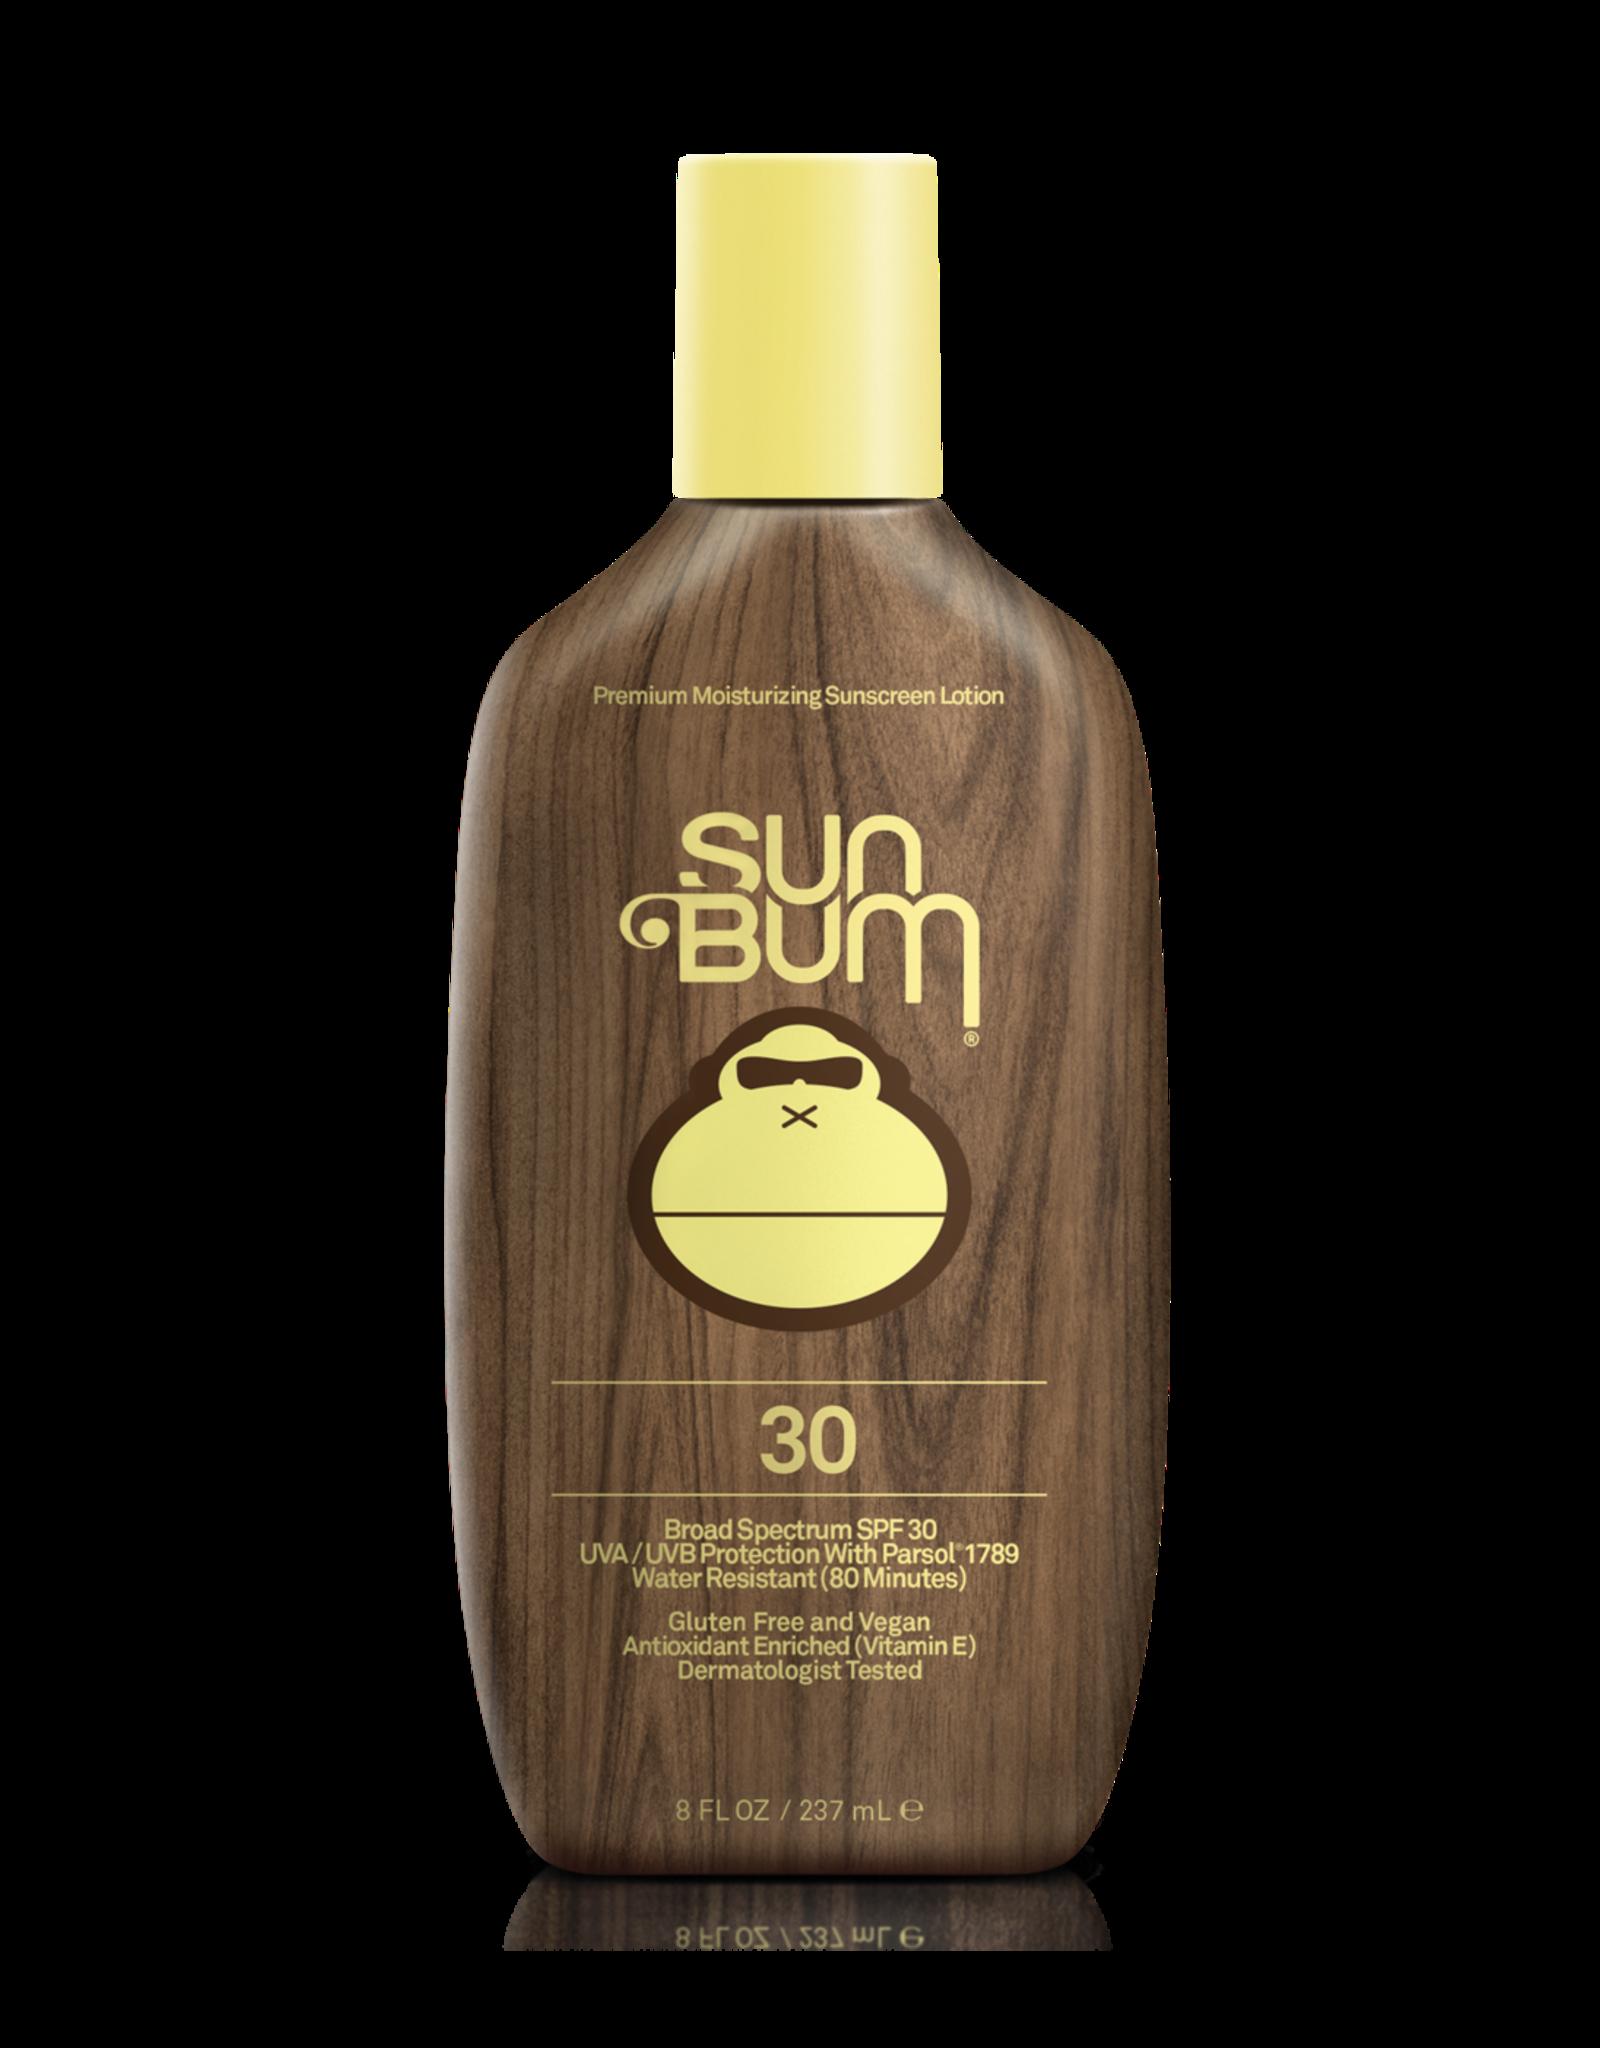 Sun Bum SPF 30 Sunscreen Lotion